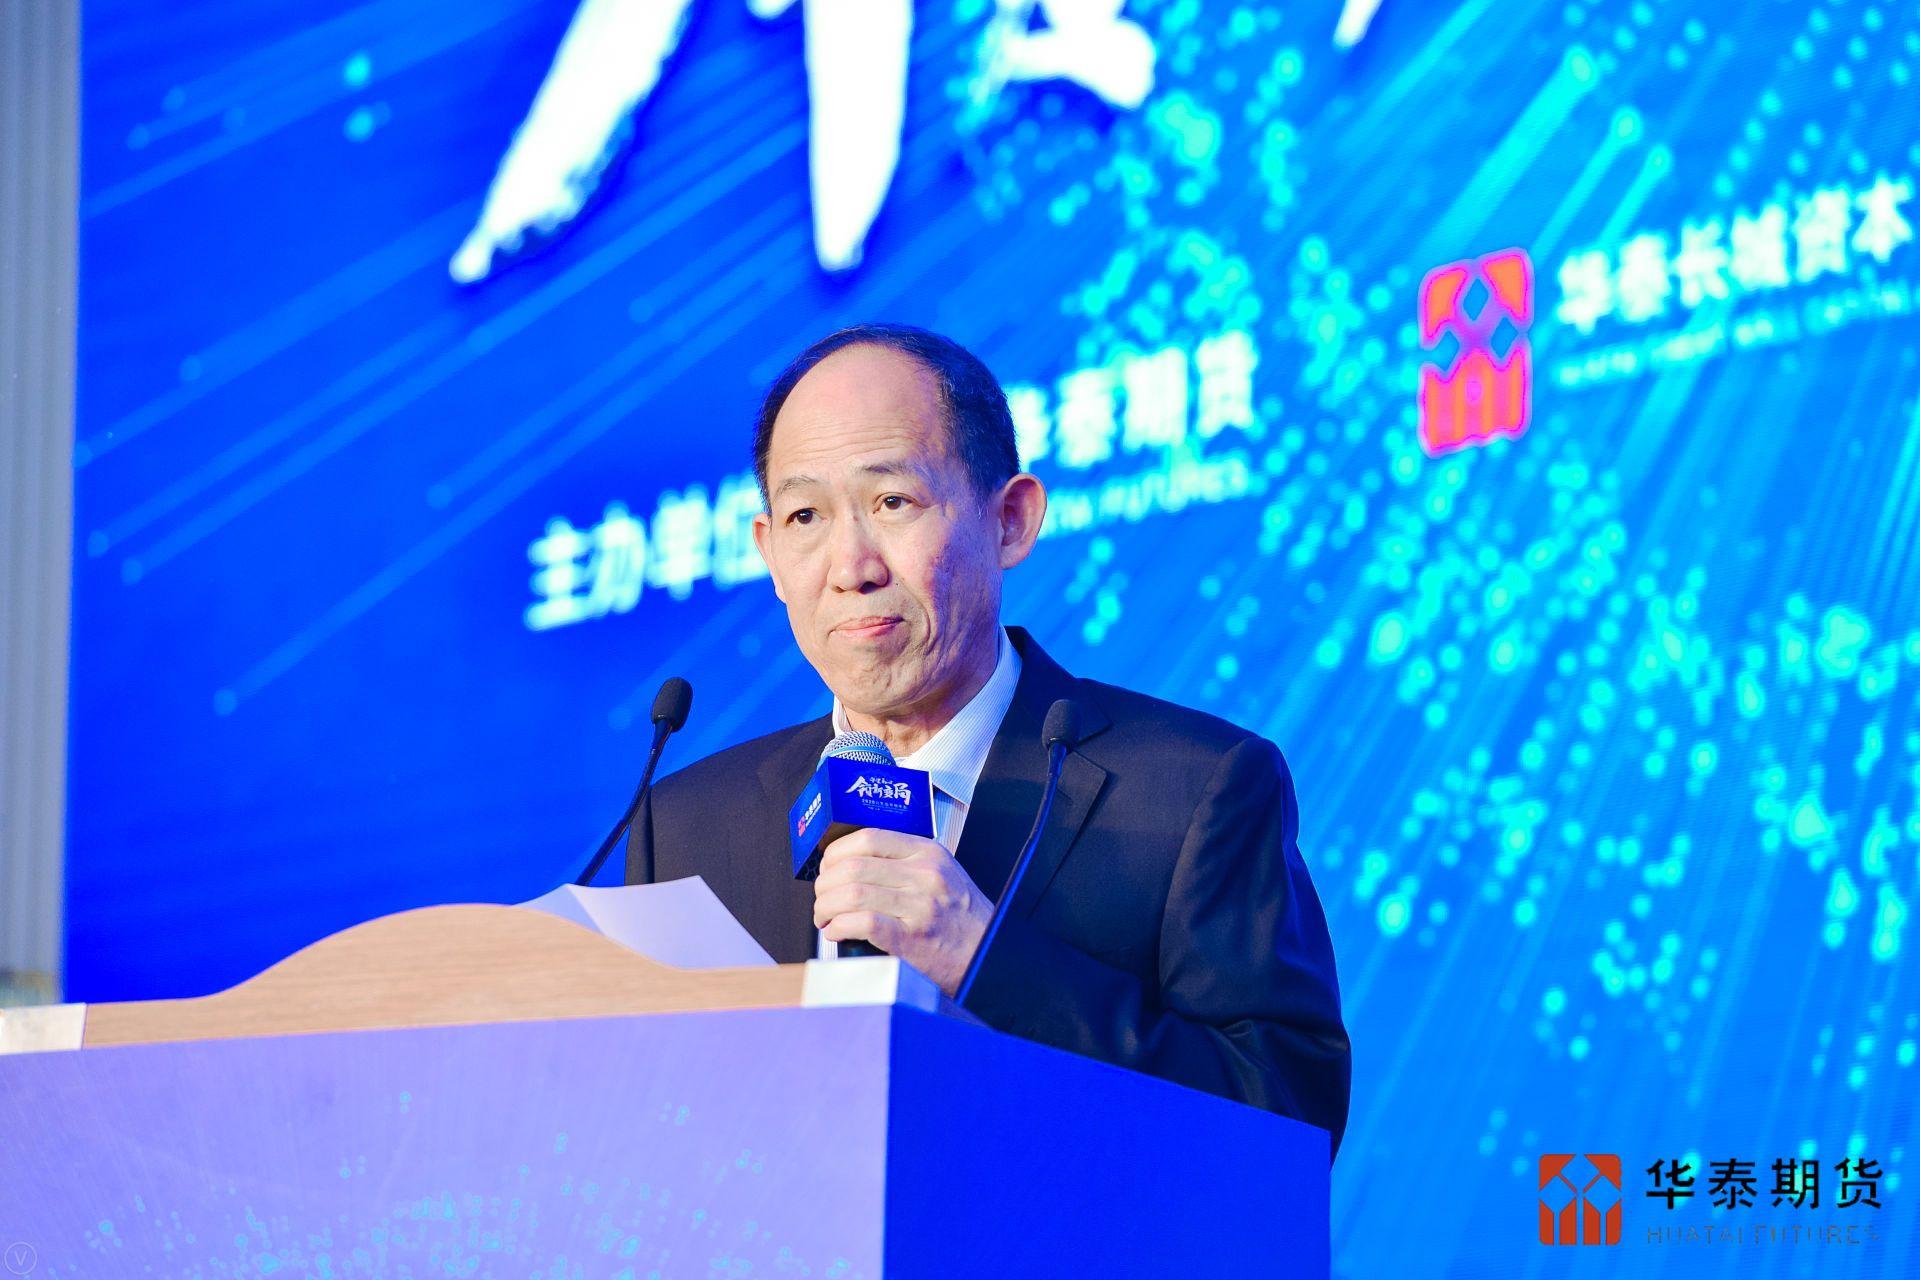 http://www.weixinrensheng.com/caijingmi/1208045.html